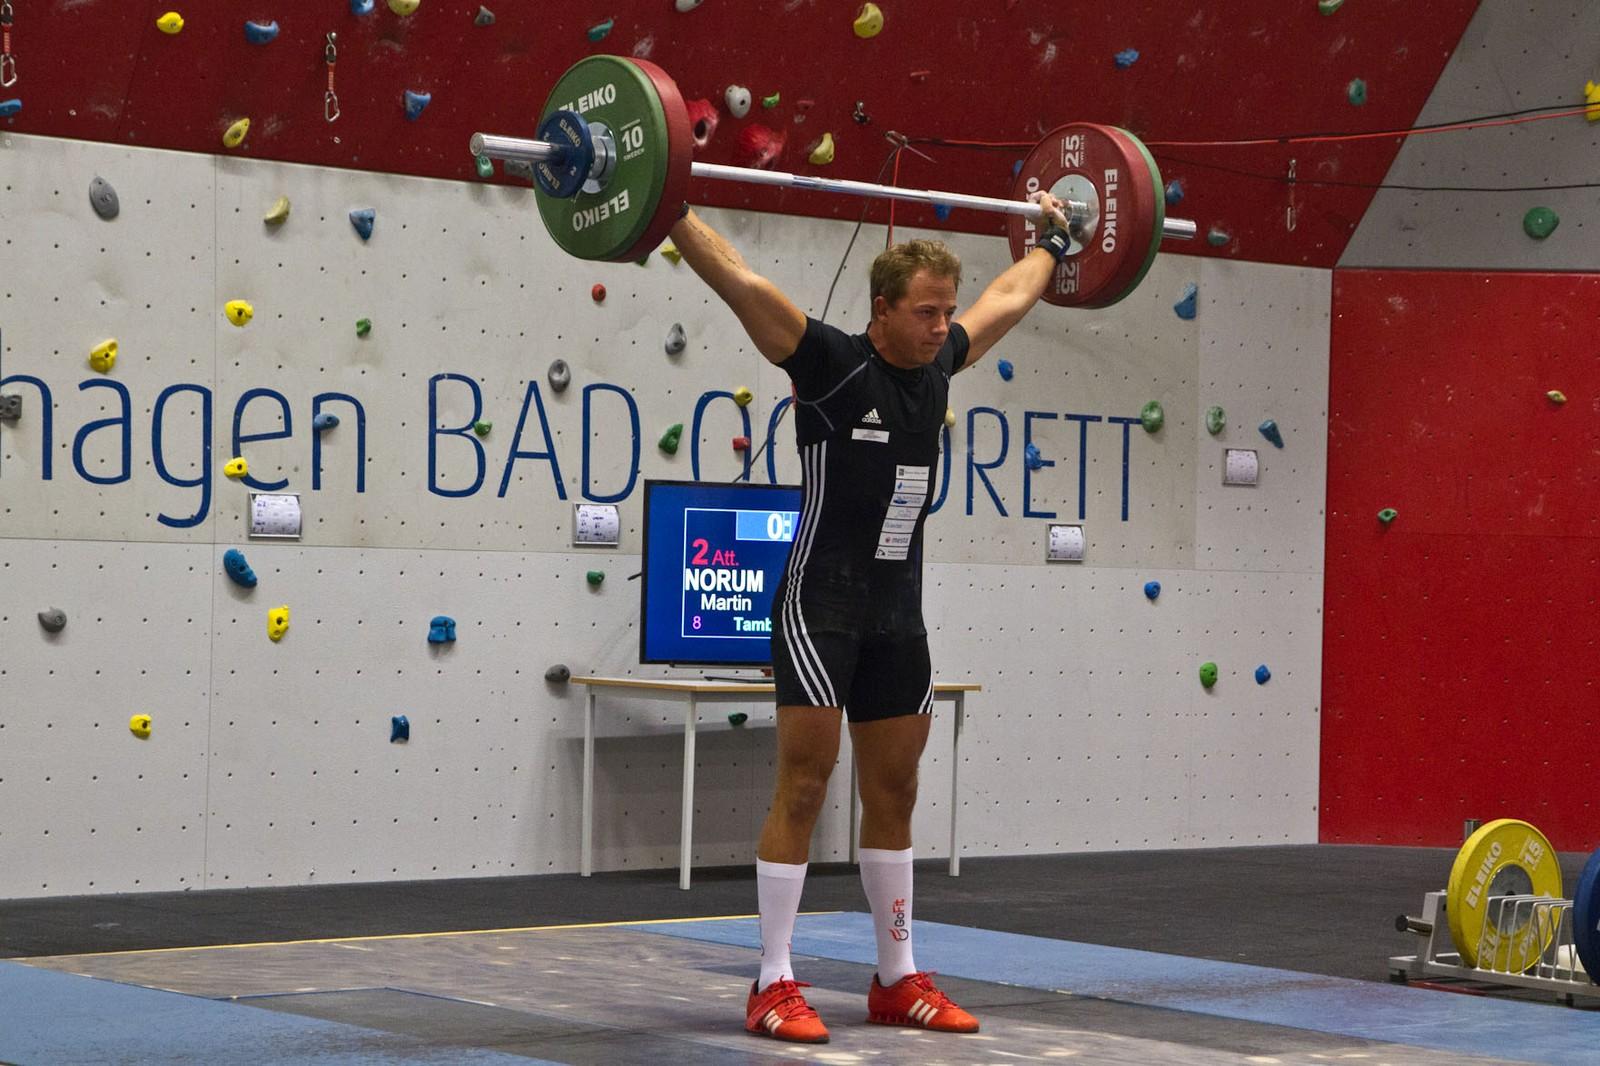 Martin Norum enda på 15. plass i Norgescupen med 265,44 poeng etter 102 kg i rykk og 120 kilo i støt.